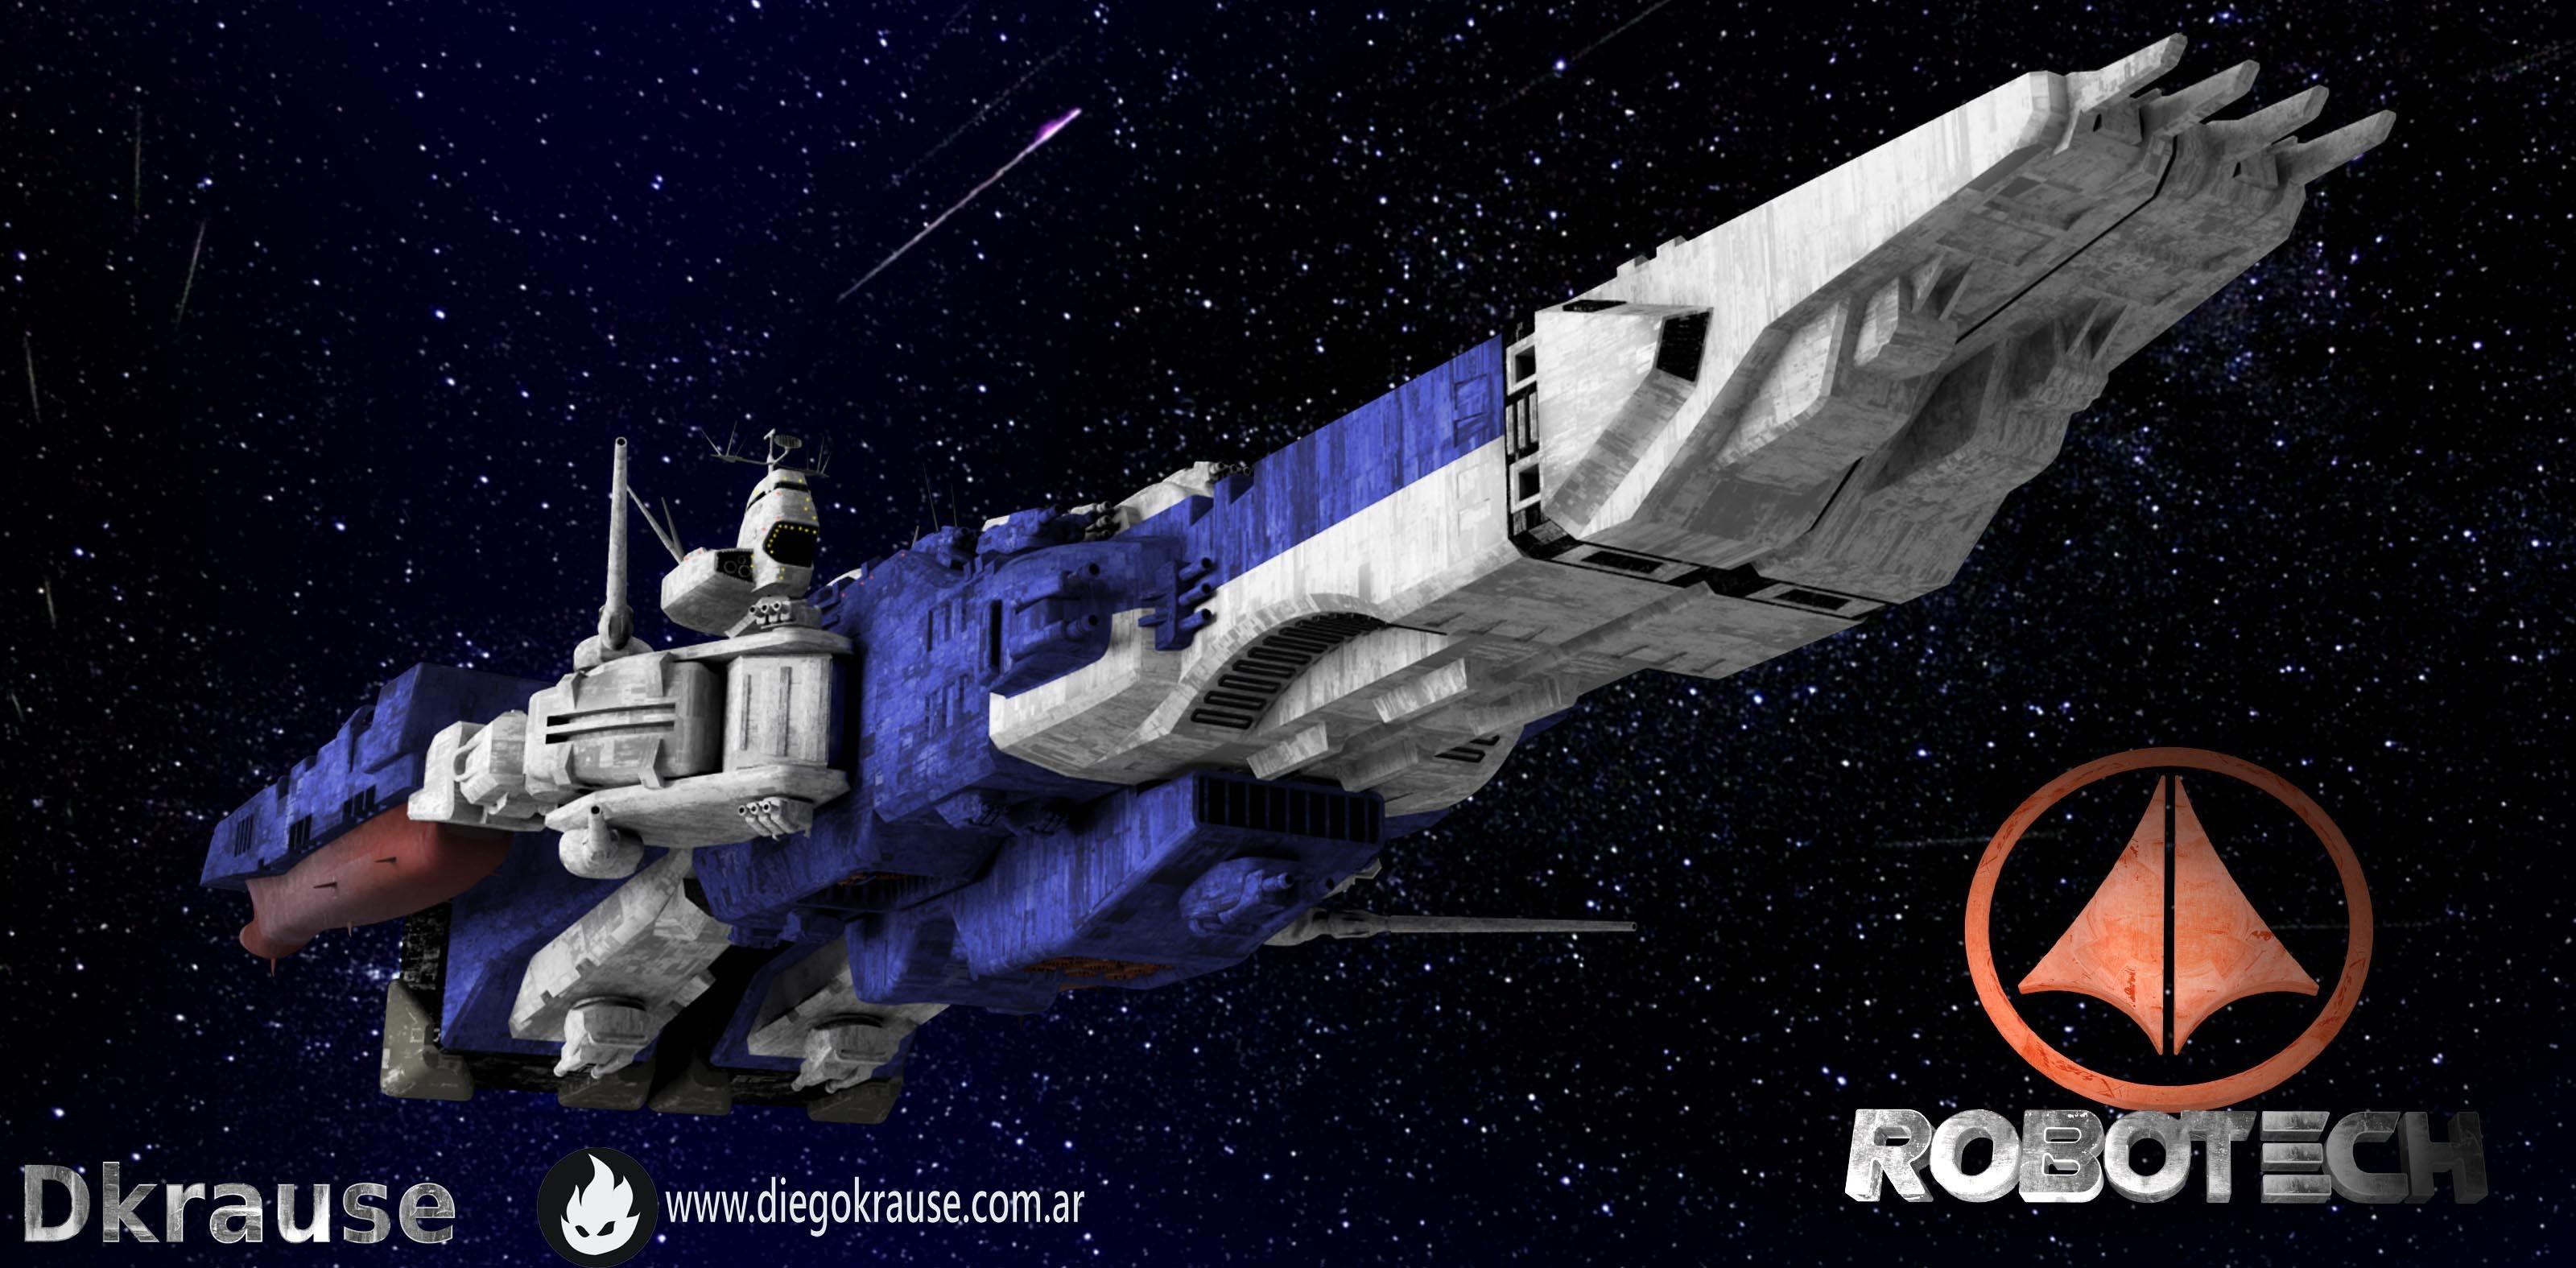 Robotech wallpaper hd 58 images - Wallpapers robotech 3d ...